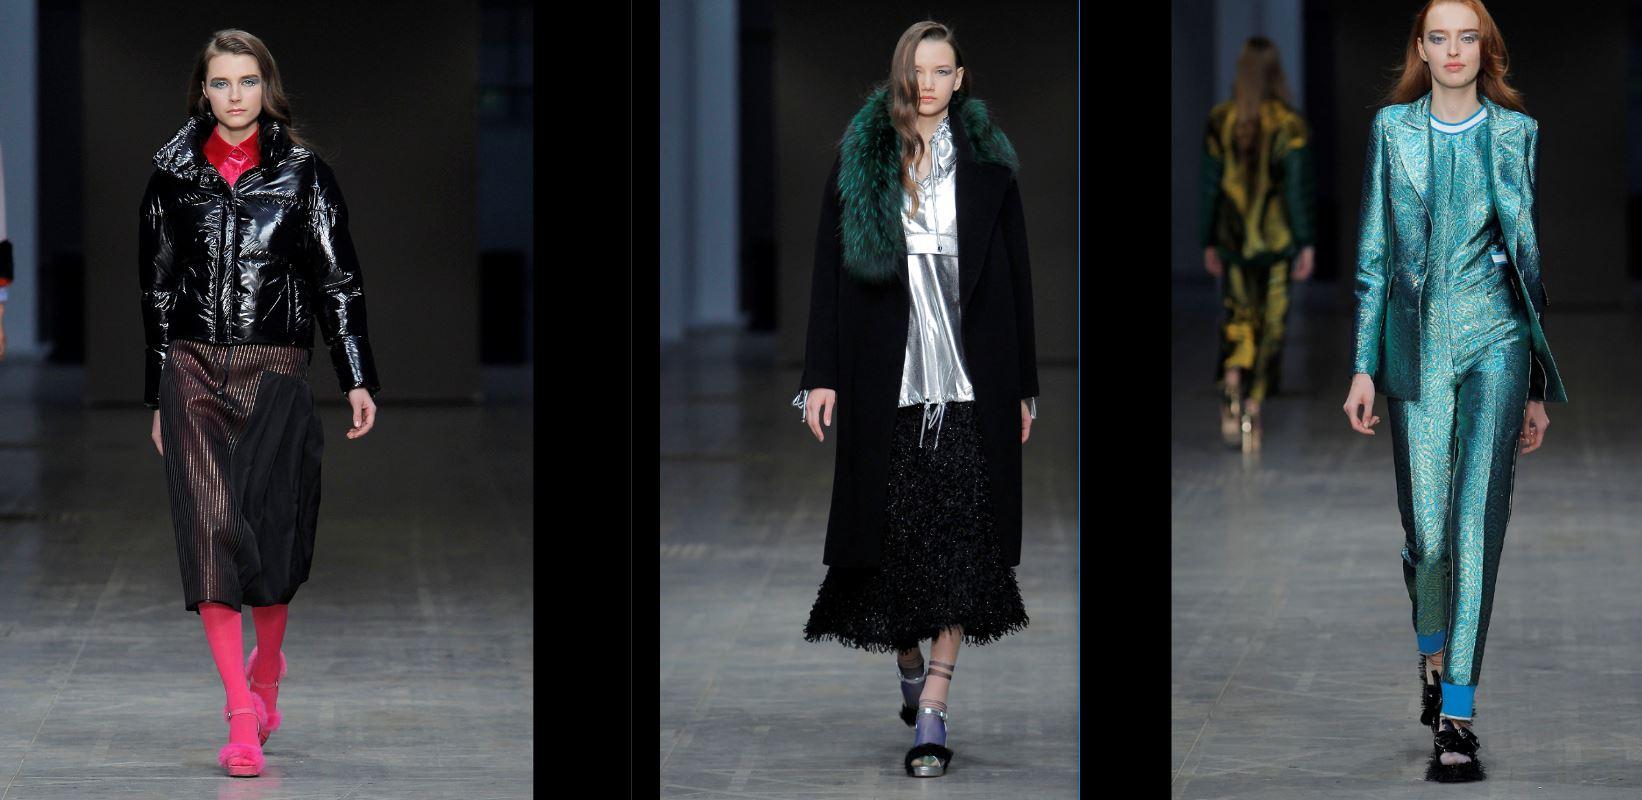 Carlos Gil ha sfilato a Milano Moda Donna nell'ambito di Portugal Fashion. Questi sono i capi per l'autunno/inverno 2018-19. (fotoservizio di Ugo Camera).